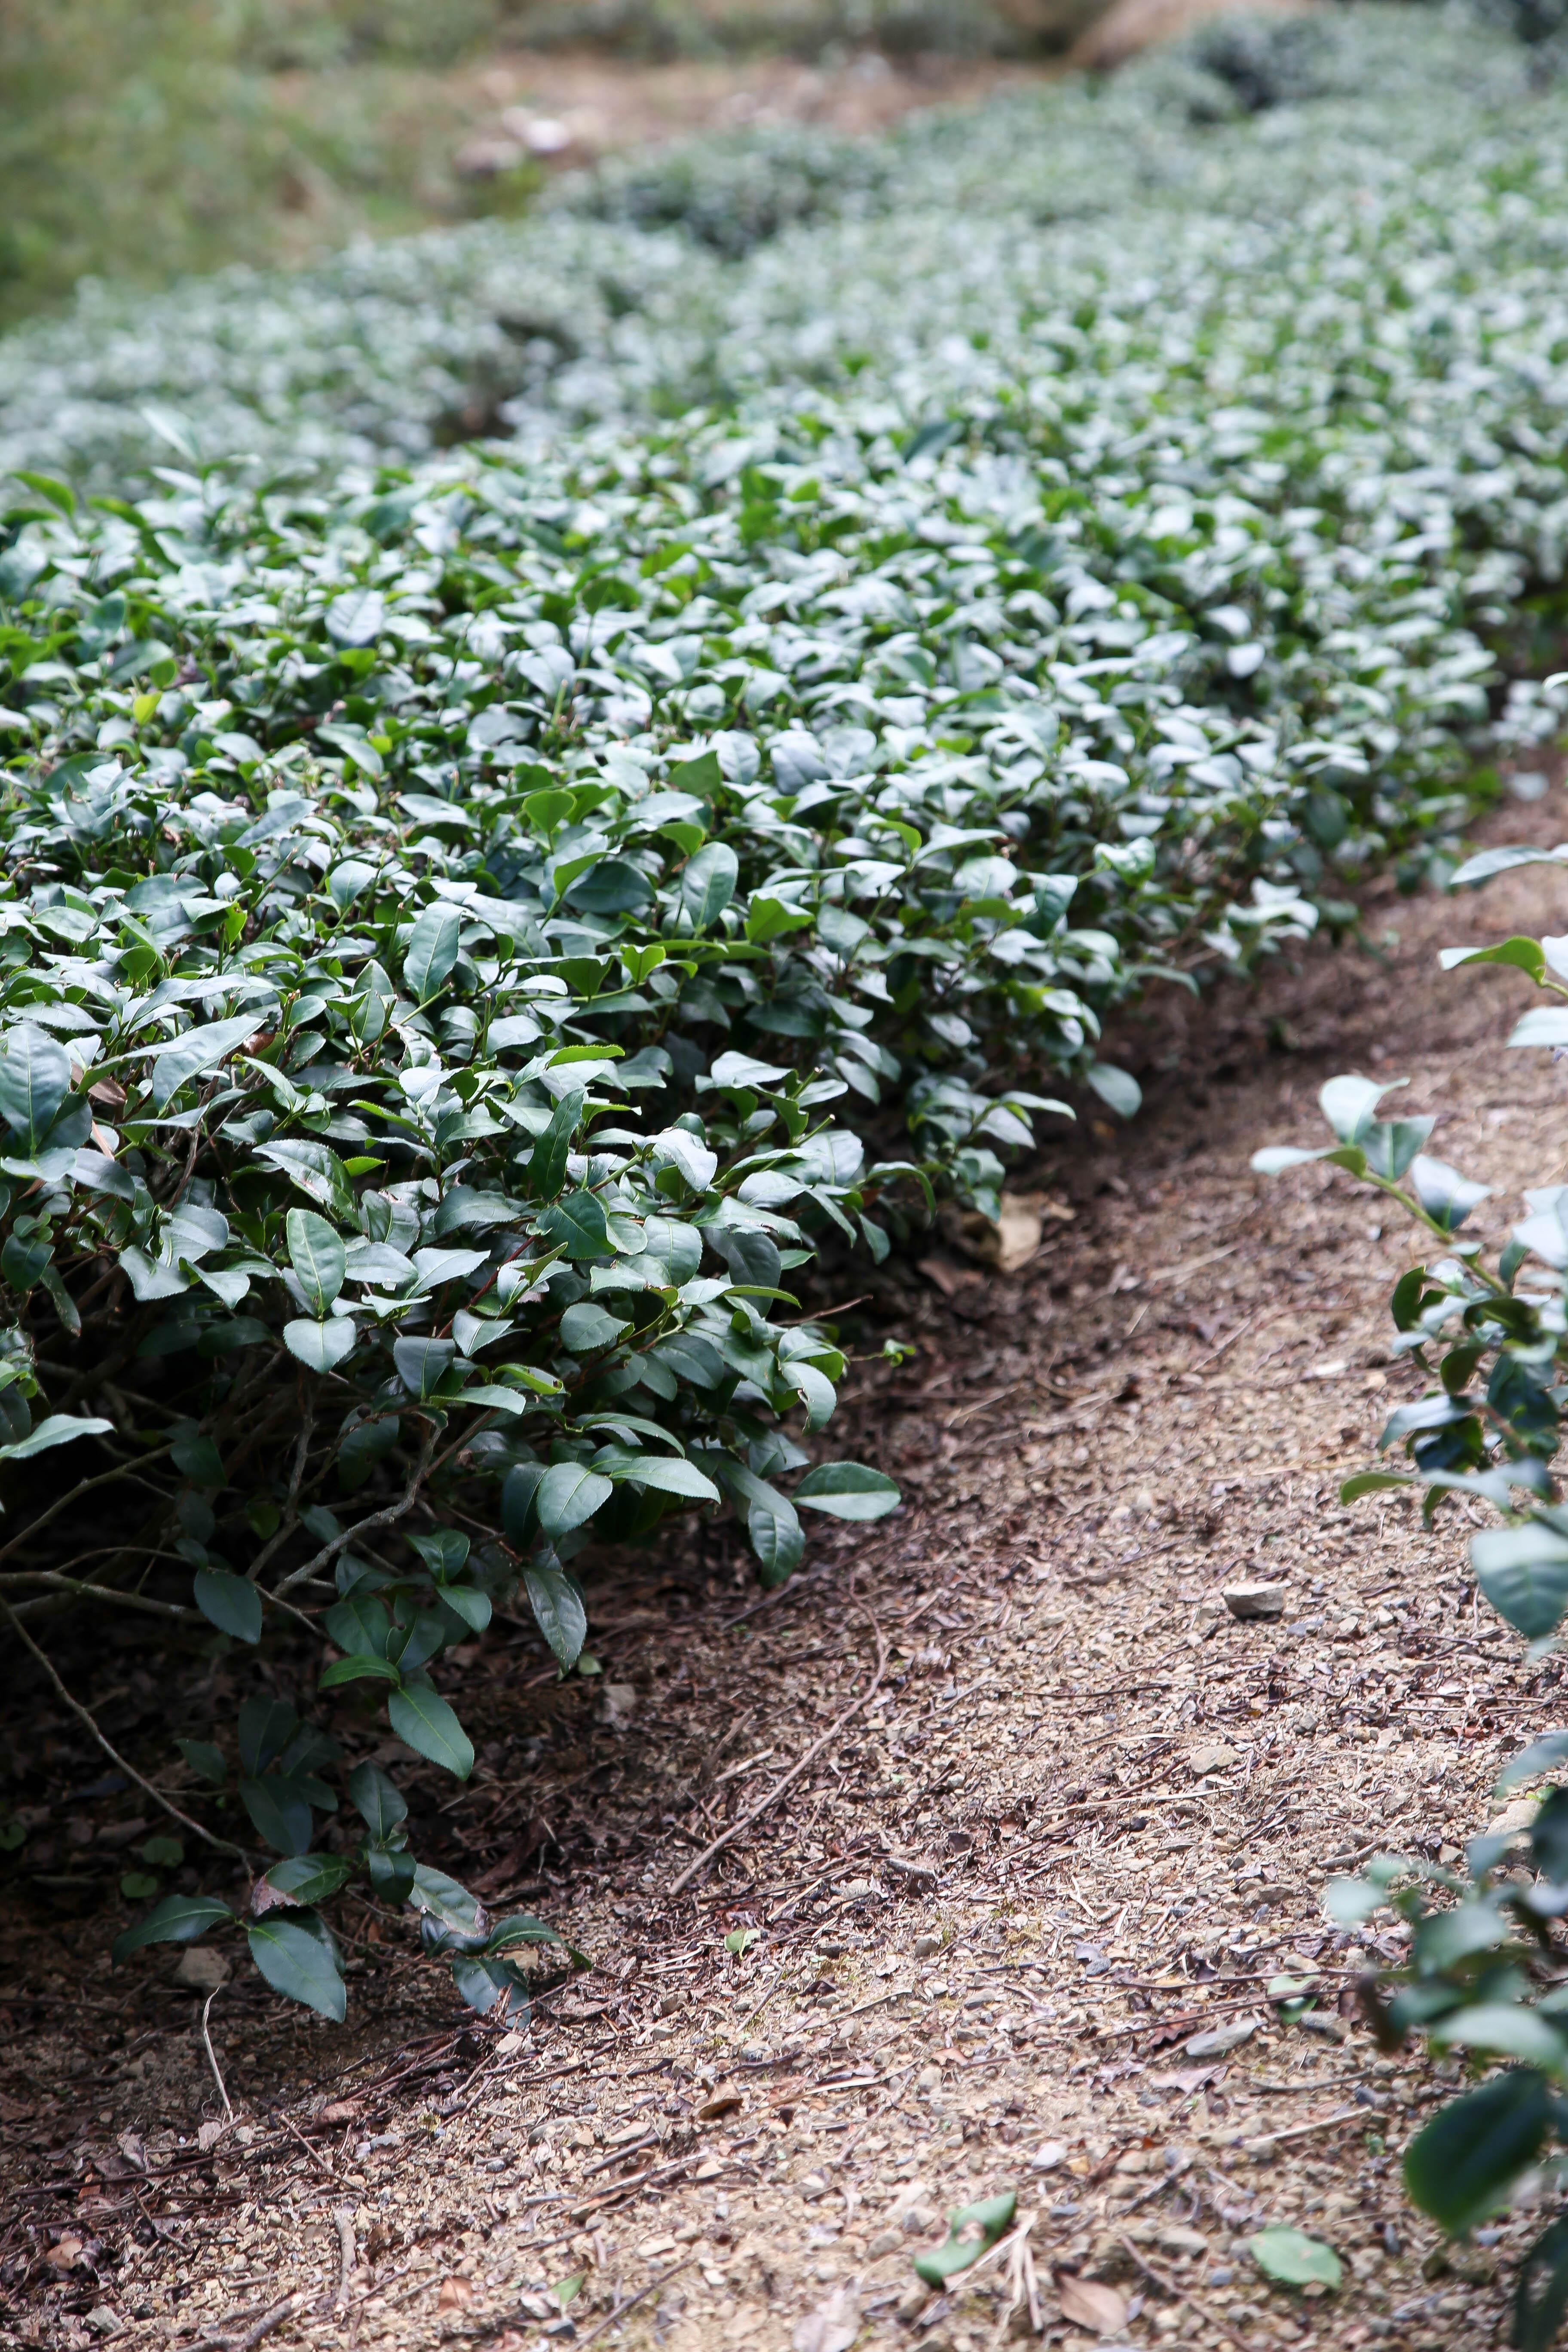 普通茶園無雜草,茶葉種植整美觀